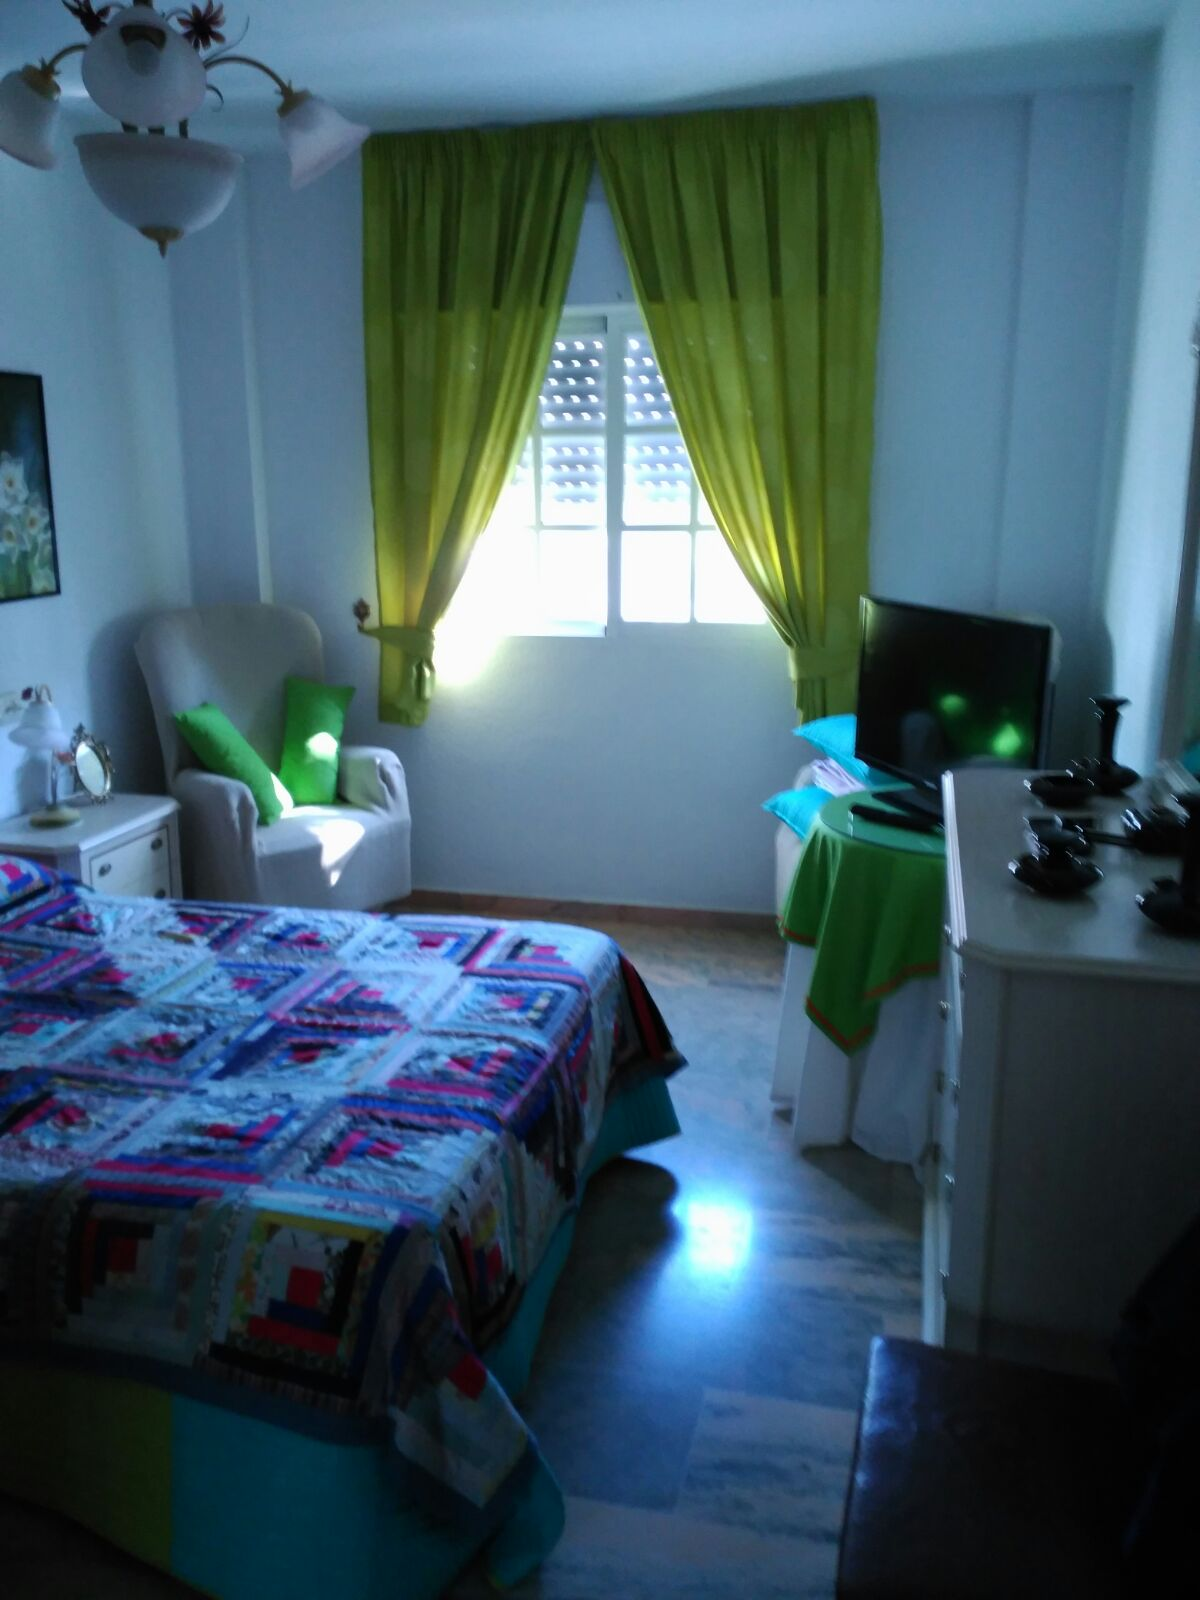 Venta de piso/apartamento en Salobreña, Granada,